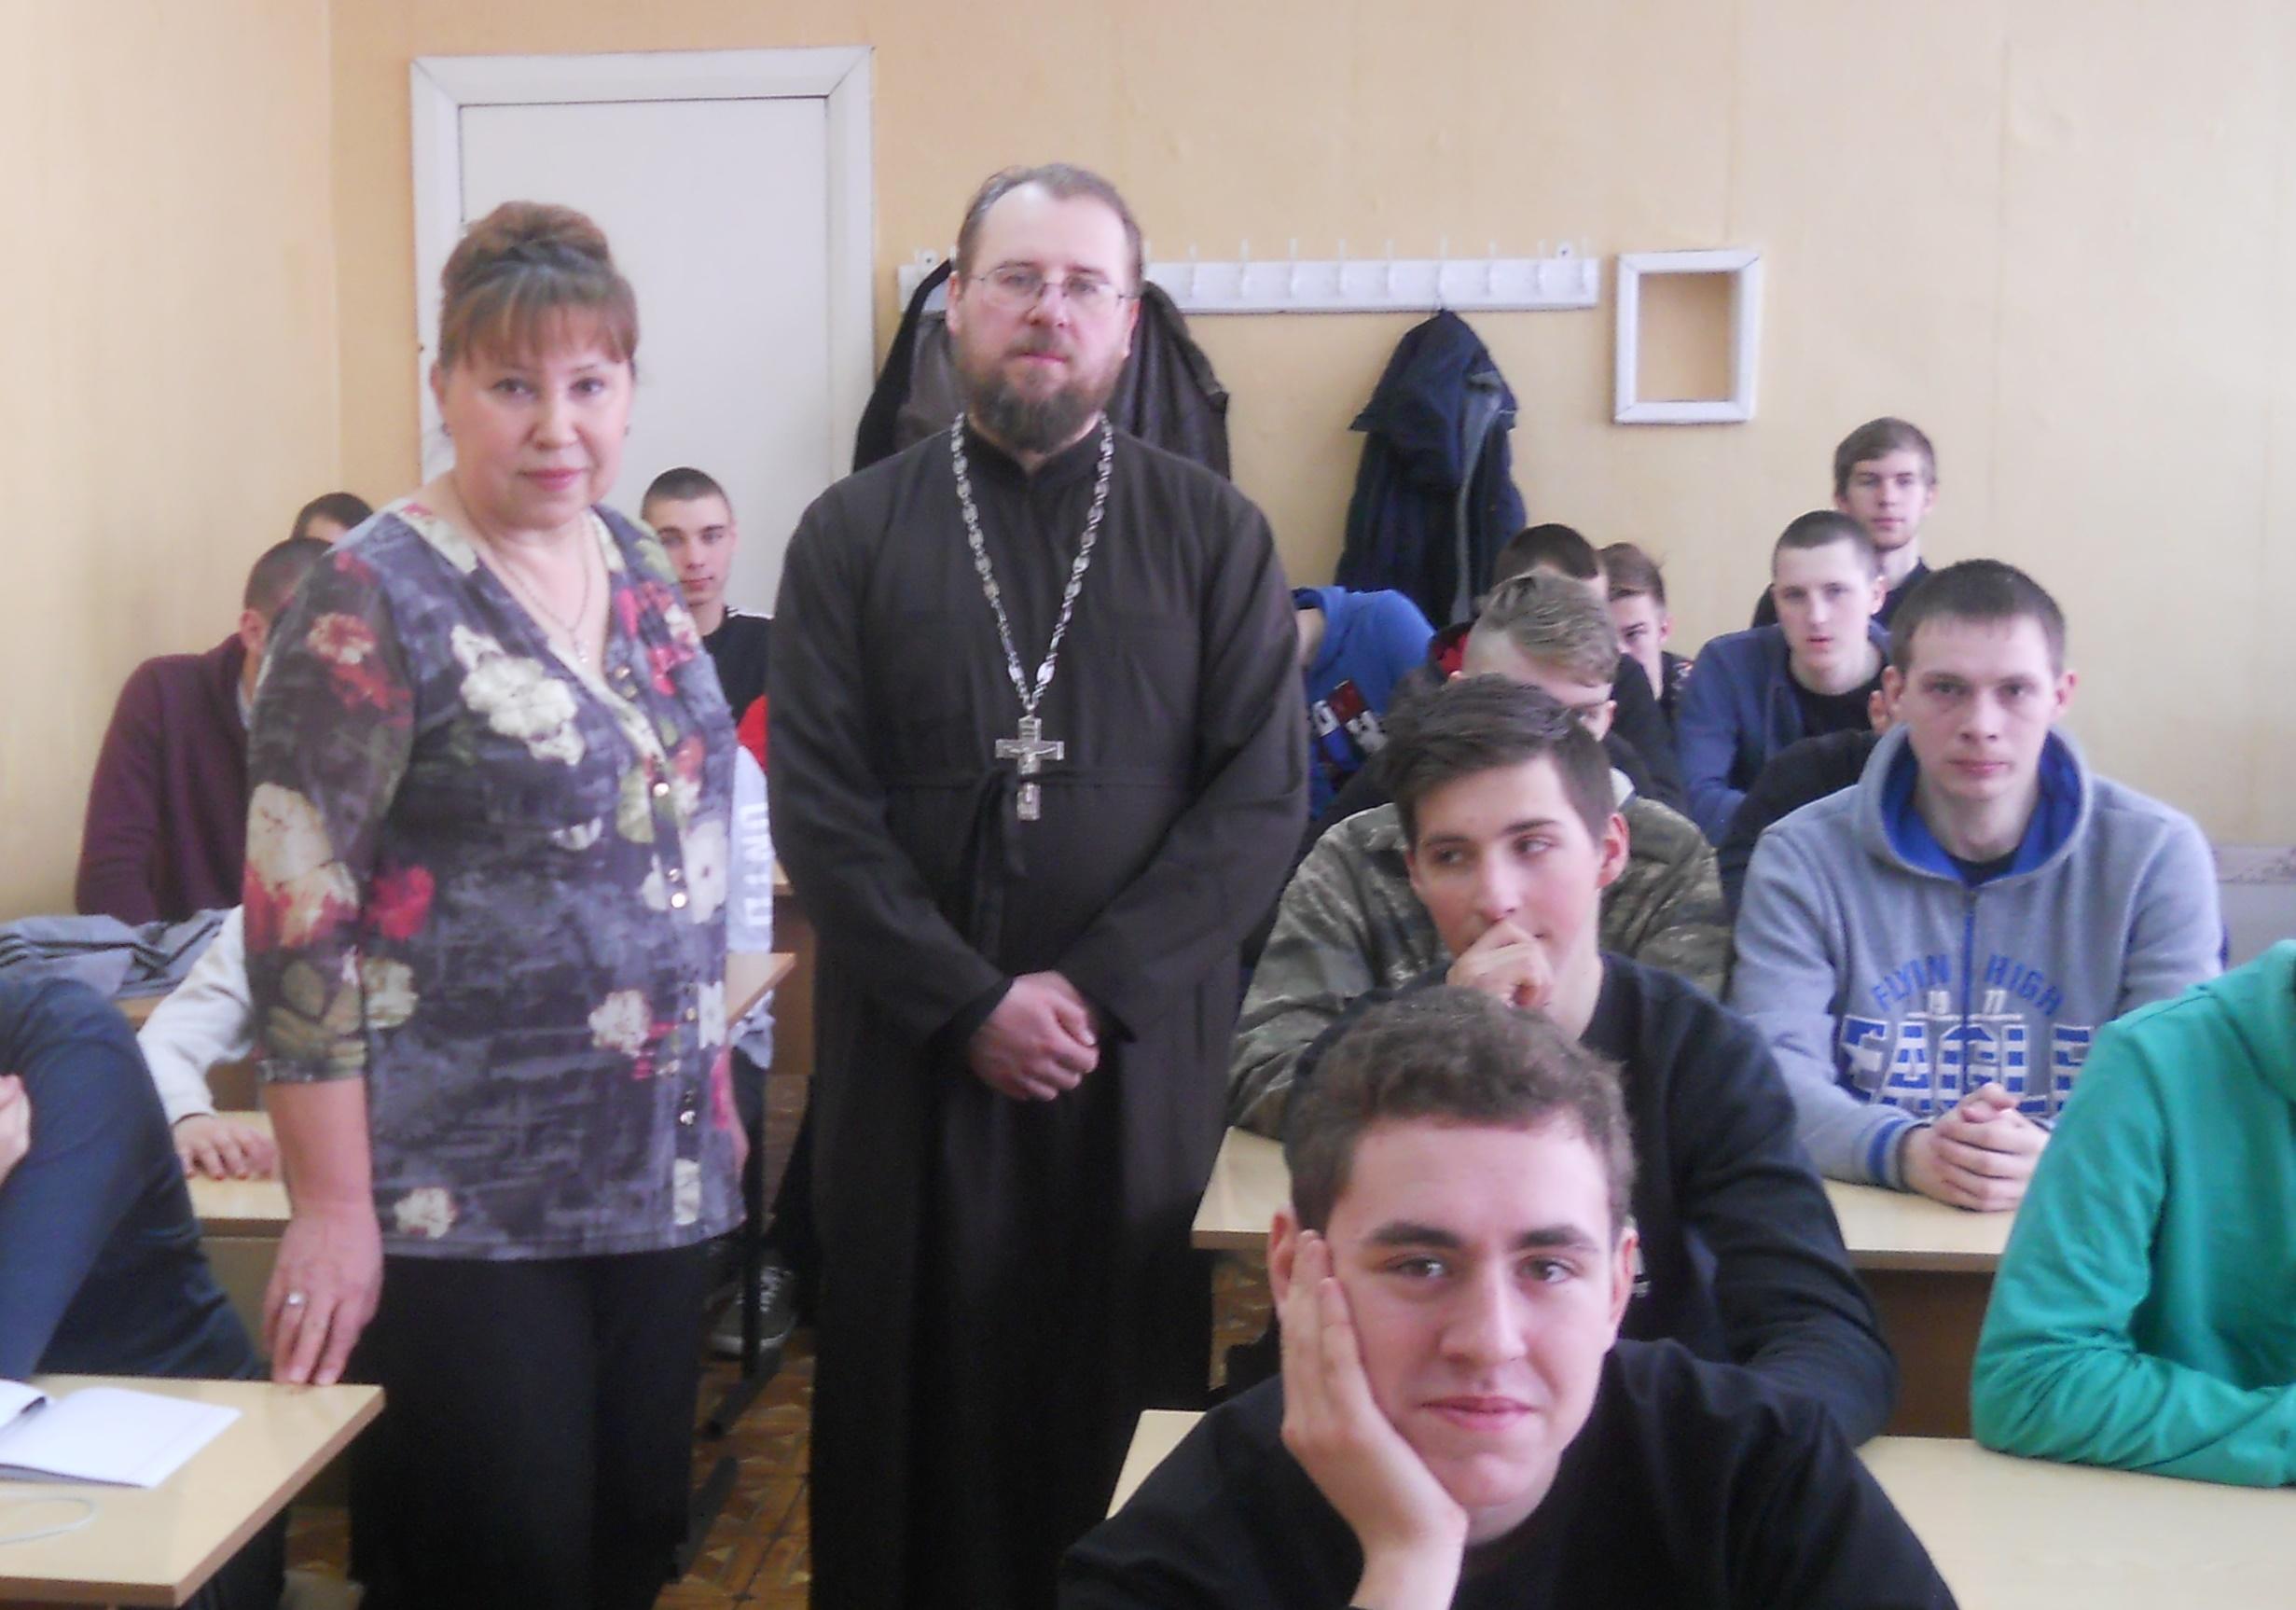 В рамках празднования Дня Православной книги в Петушинском промышленно-гуманитарном колледже прошла встреча учащихся с сотрудником отдела по делам молодежи Александровской епархии